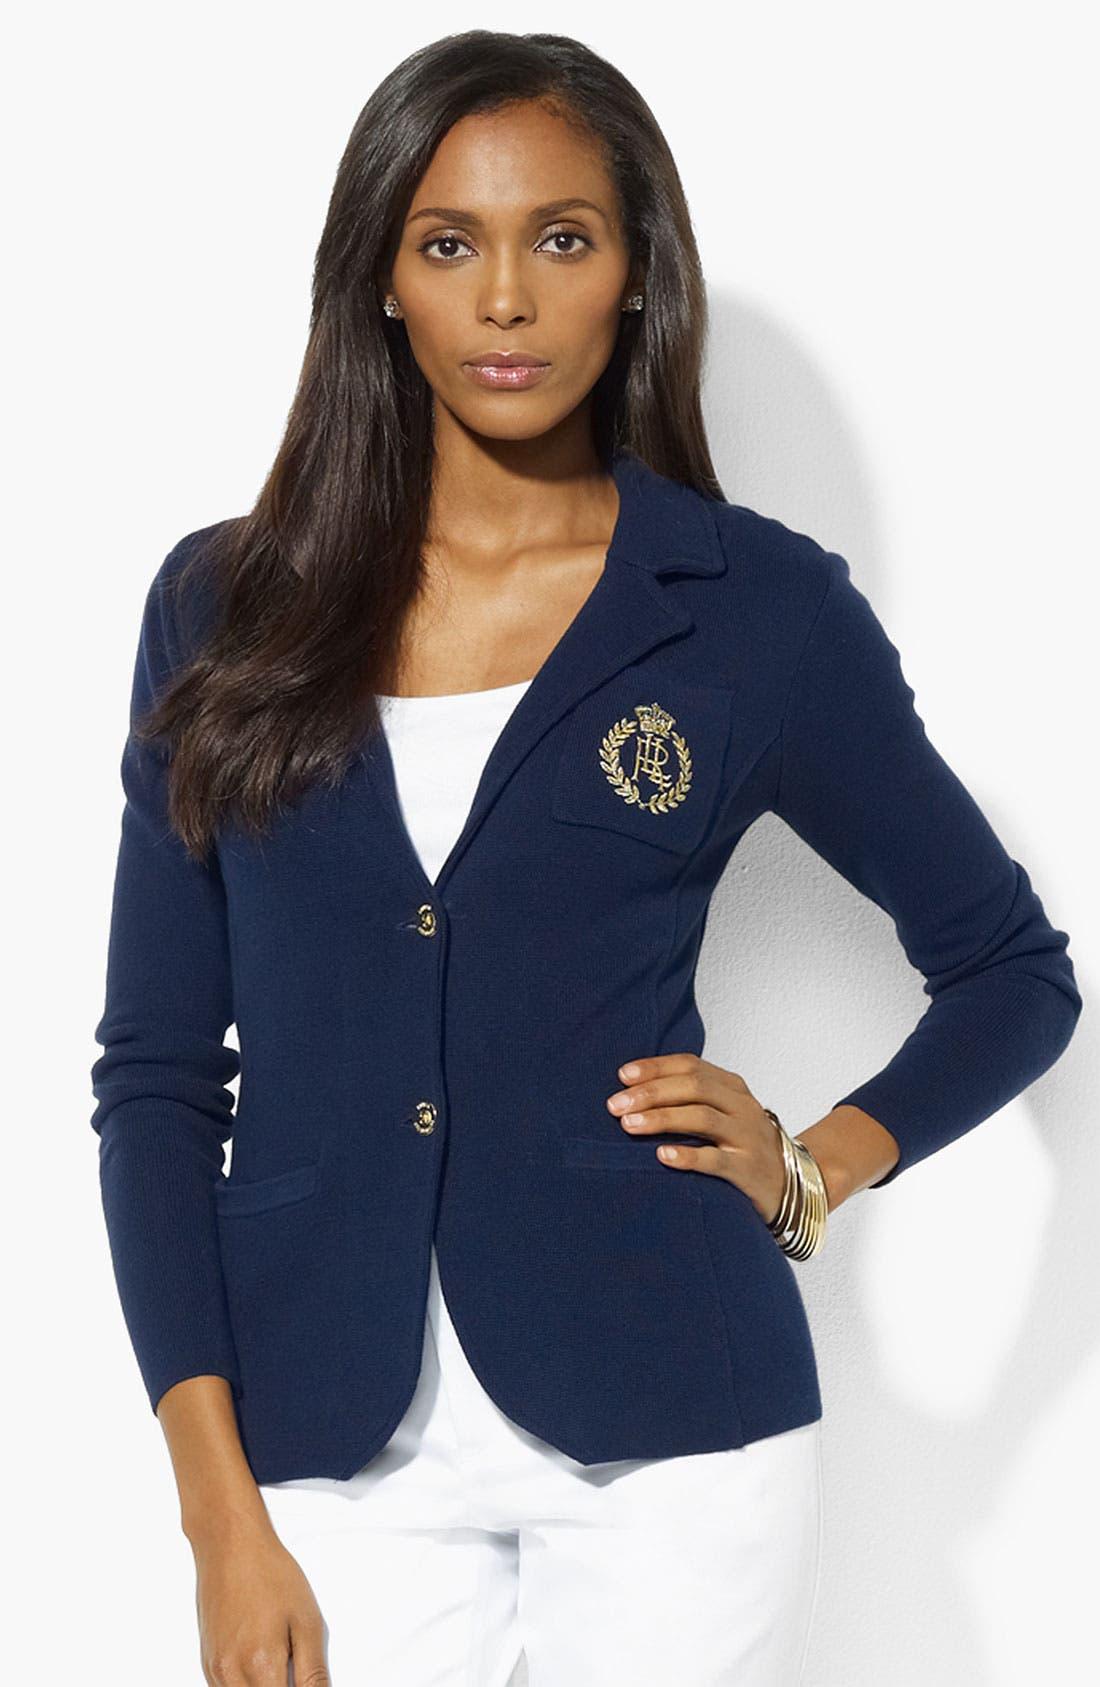 Alternate Image 1 Selected - Lauren Ralph Lauren Pocket Crest Blazer (Petite) (Online Exclusive)